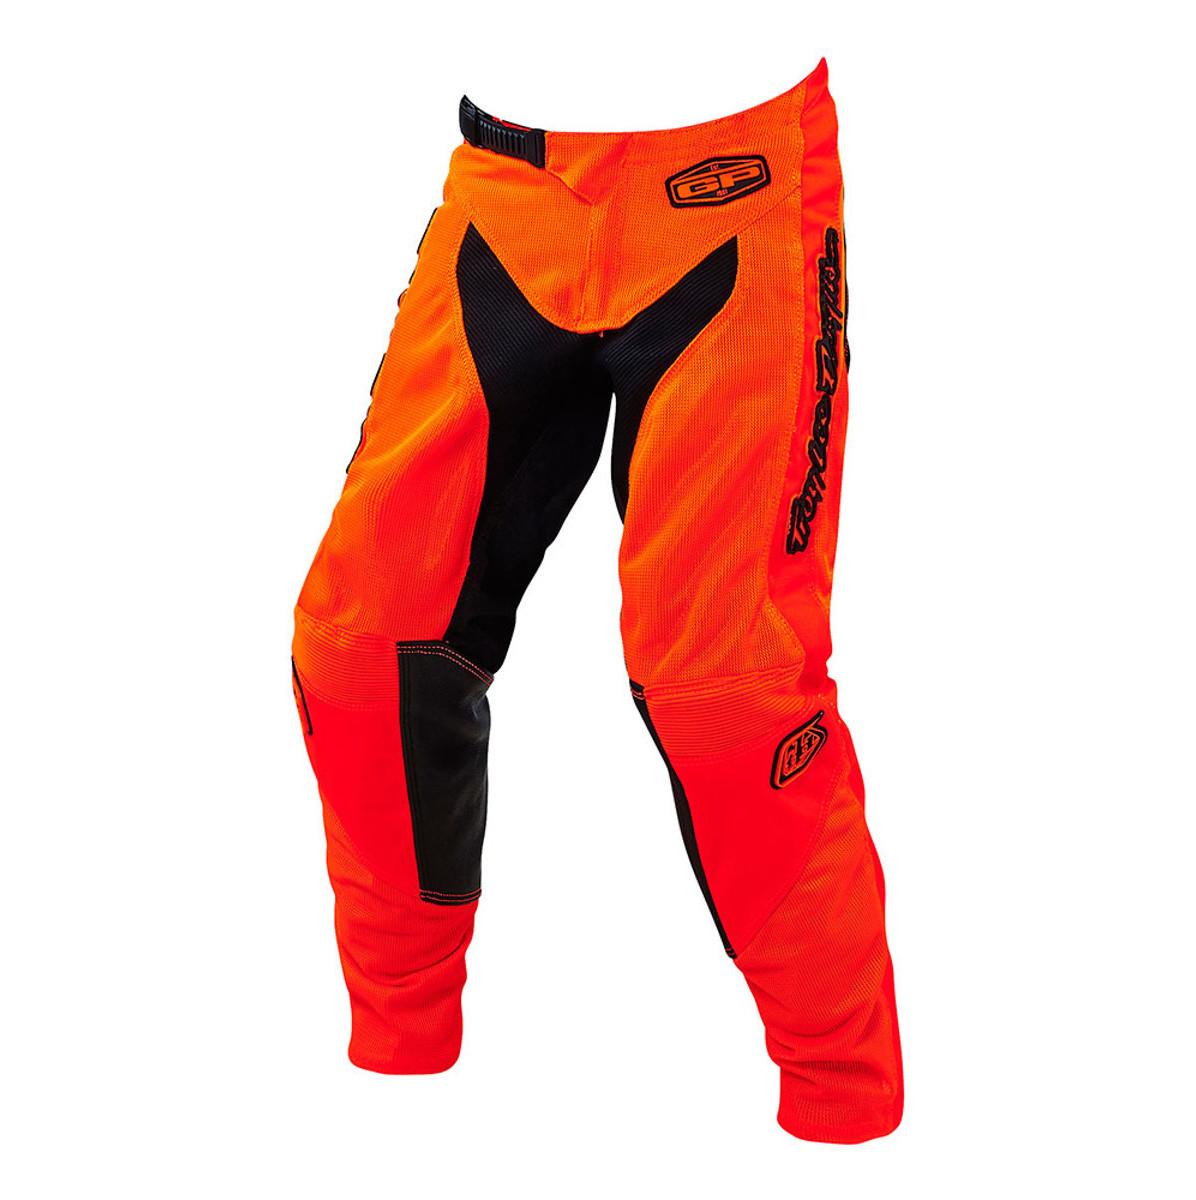 LTD GP Air Youth Moto Pant - Starburst Black:Orange